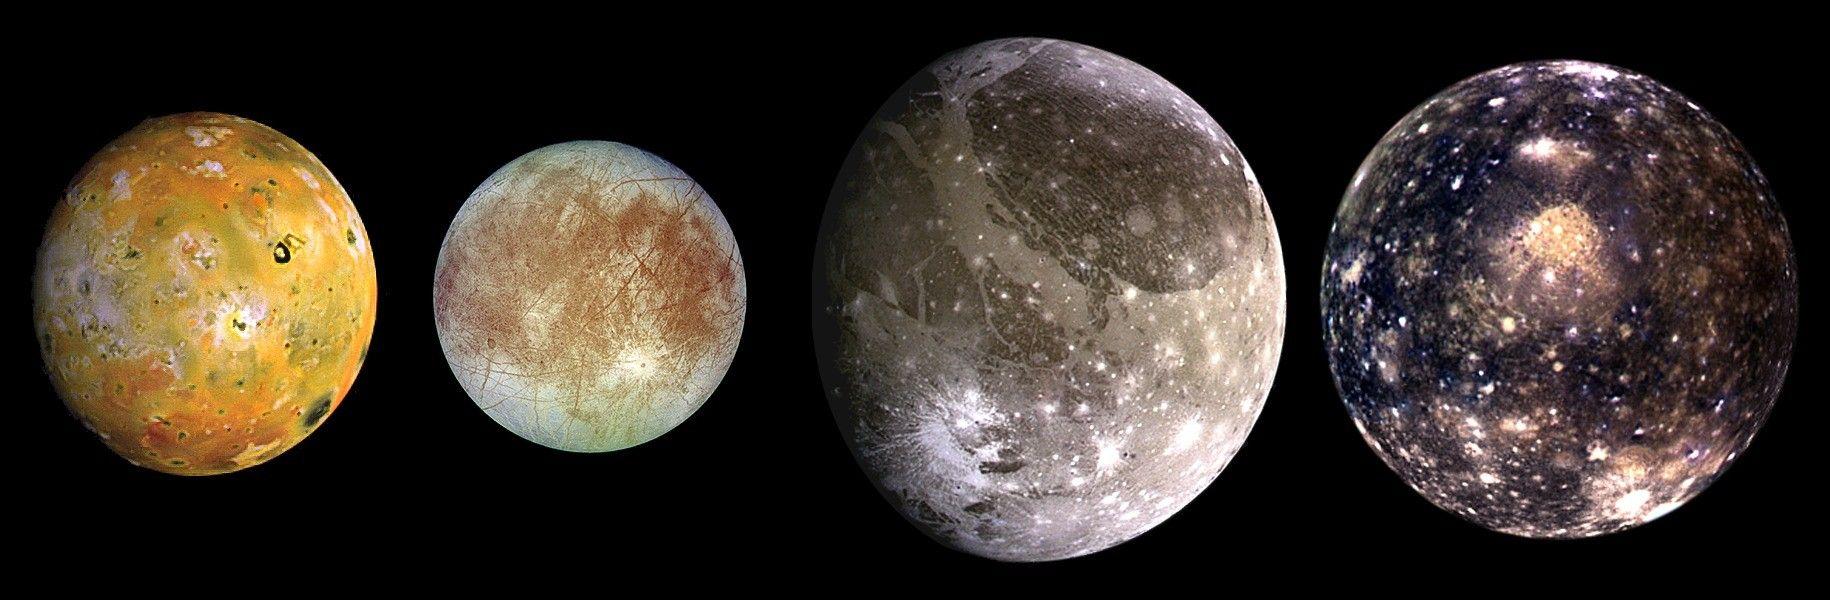 Fotografia das Luas de Júpiter para ilustração do item